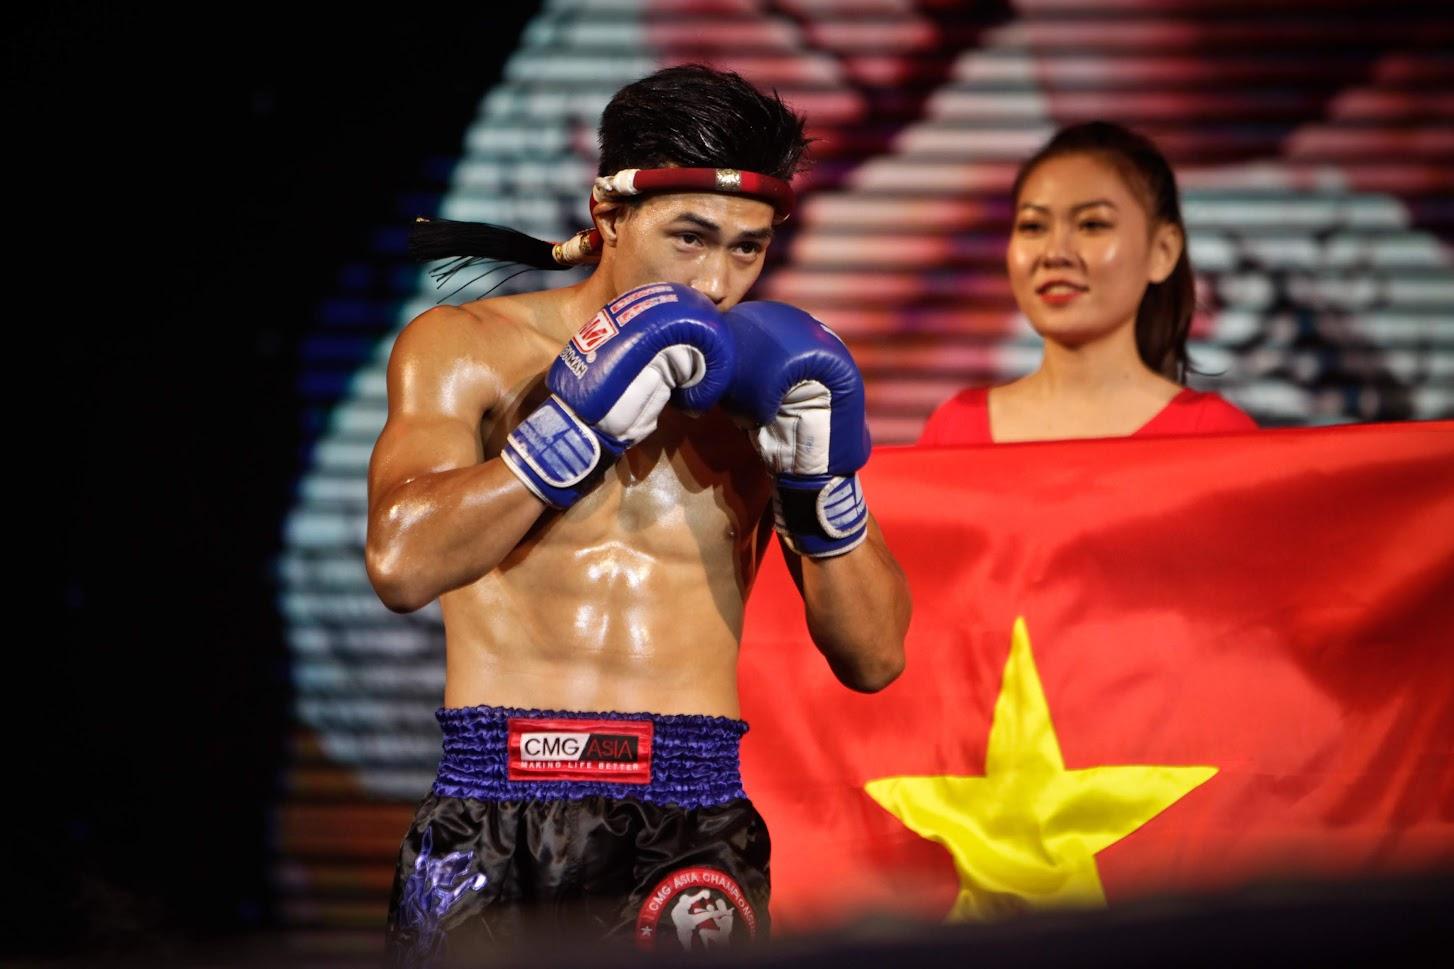 Muay Thai - Fighting Night 2018